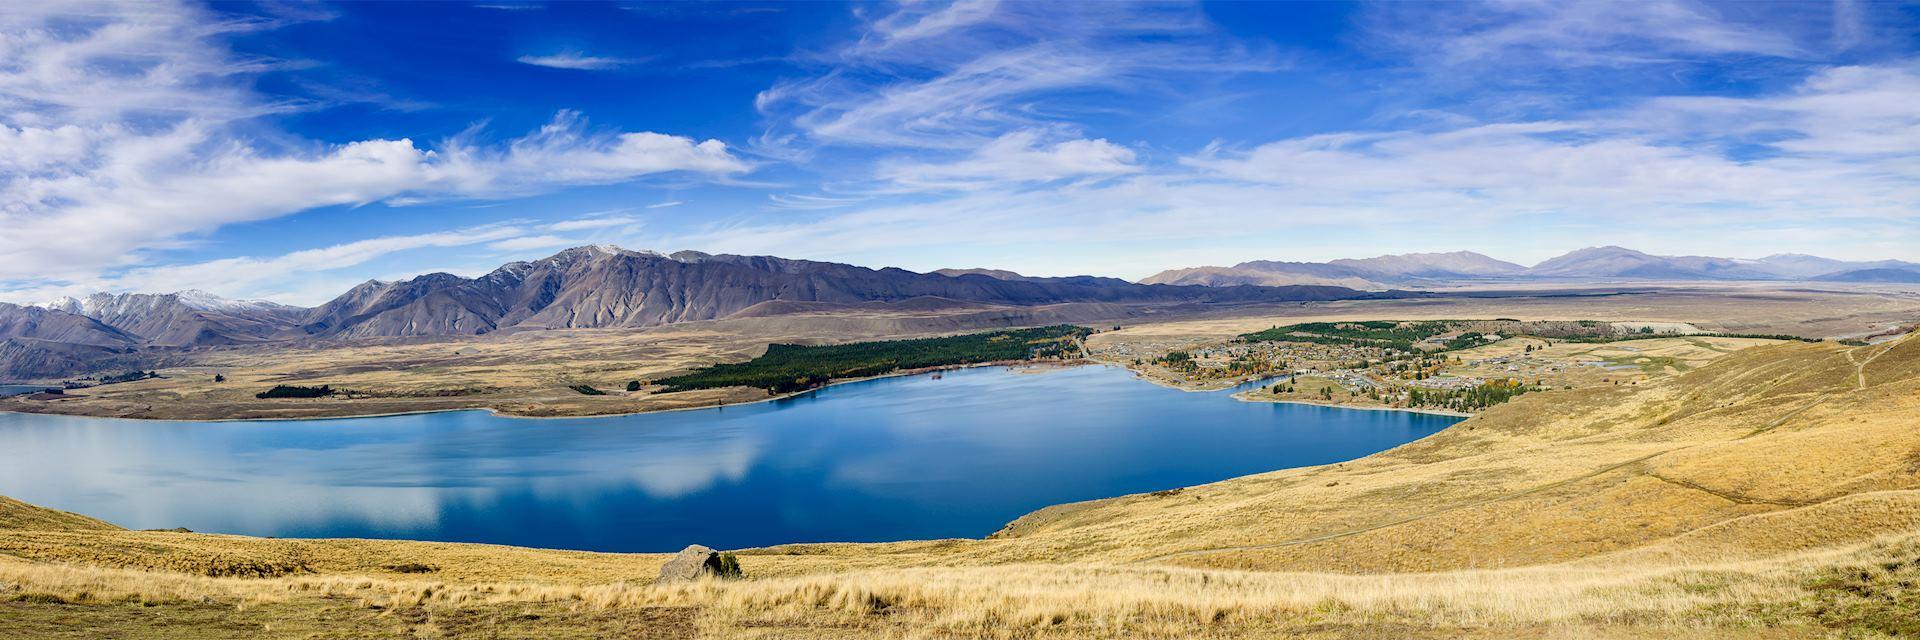 Tekapo Lake, New Zealand